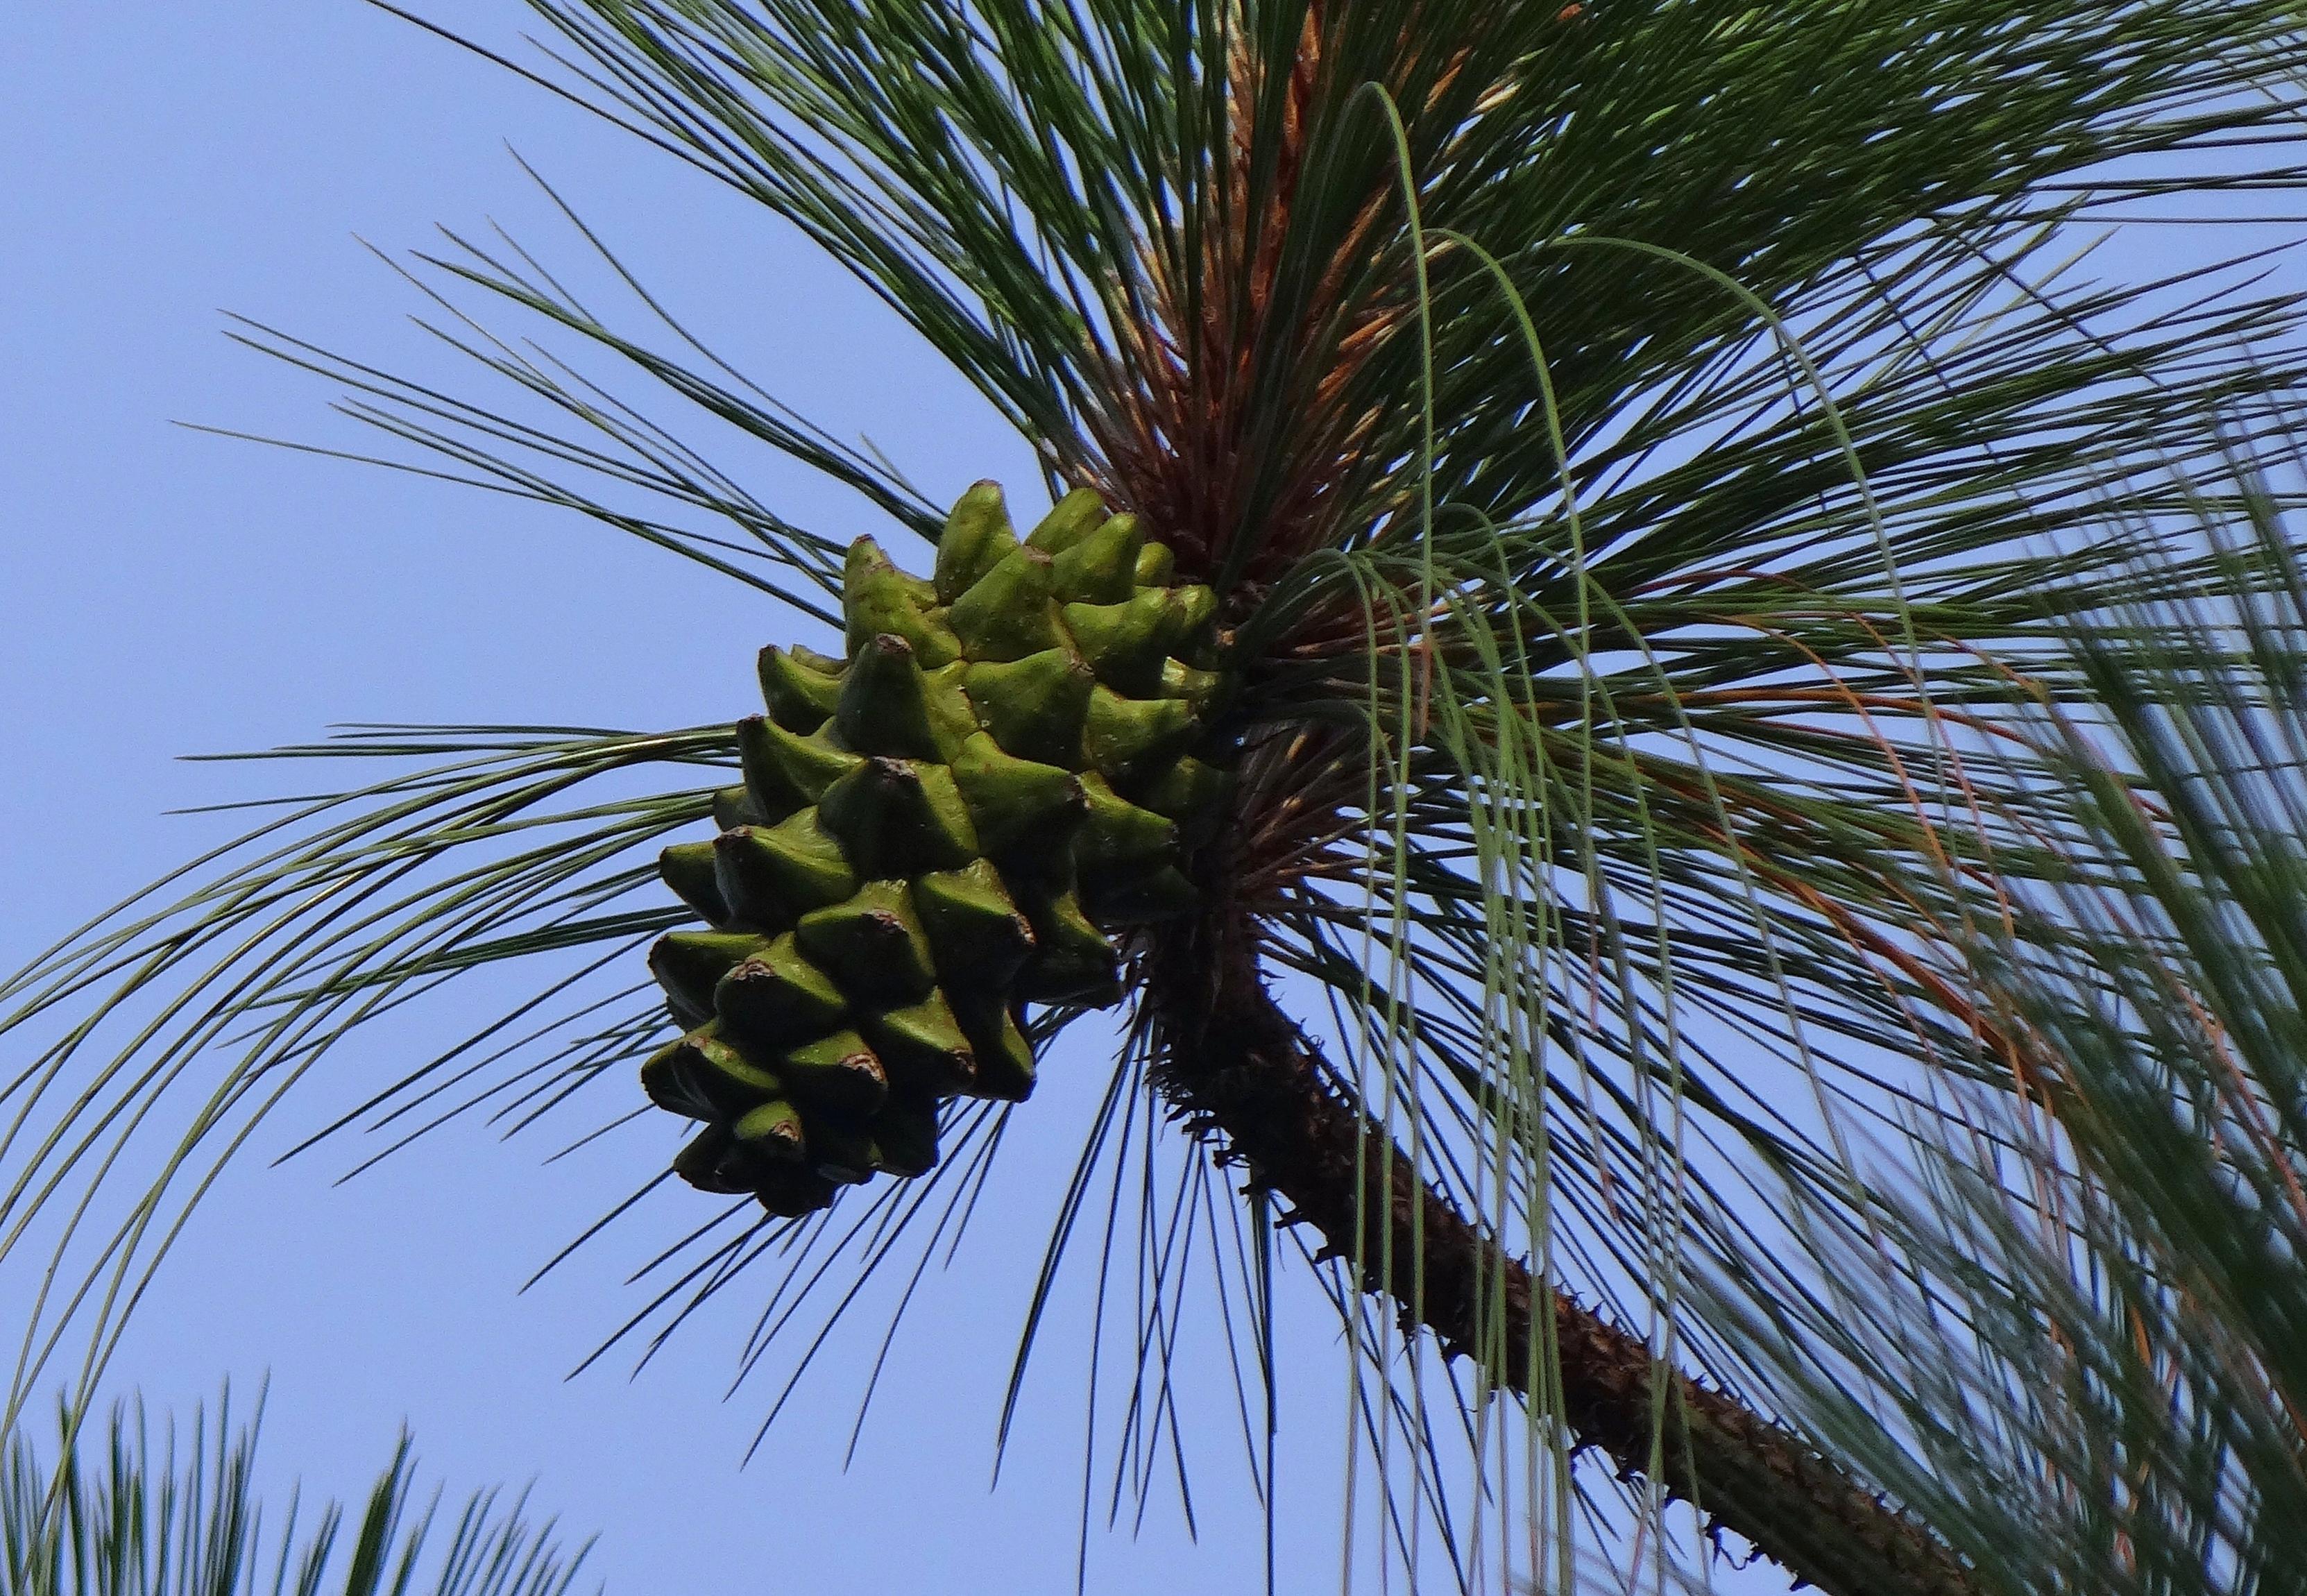 Foto gratis albero natura sempreverde pino noce di for Pianta di cocco